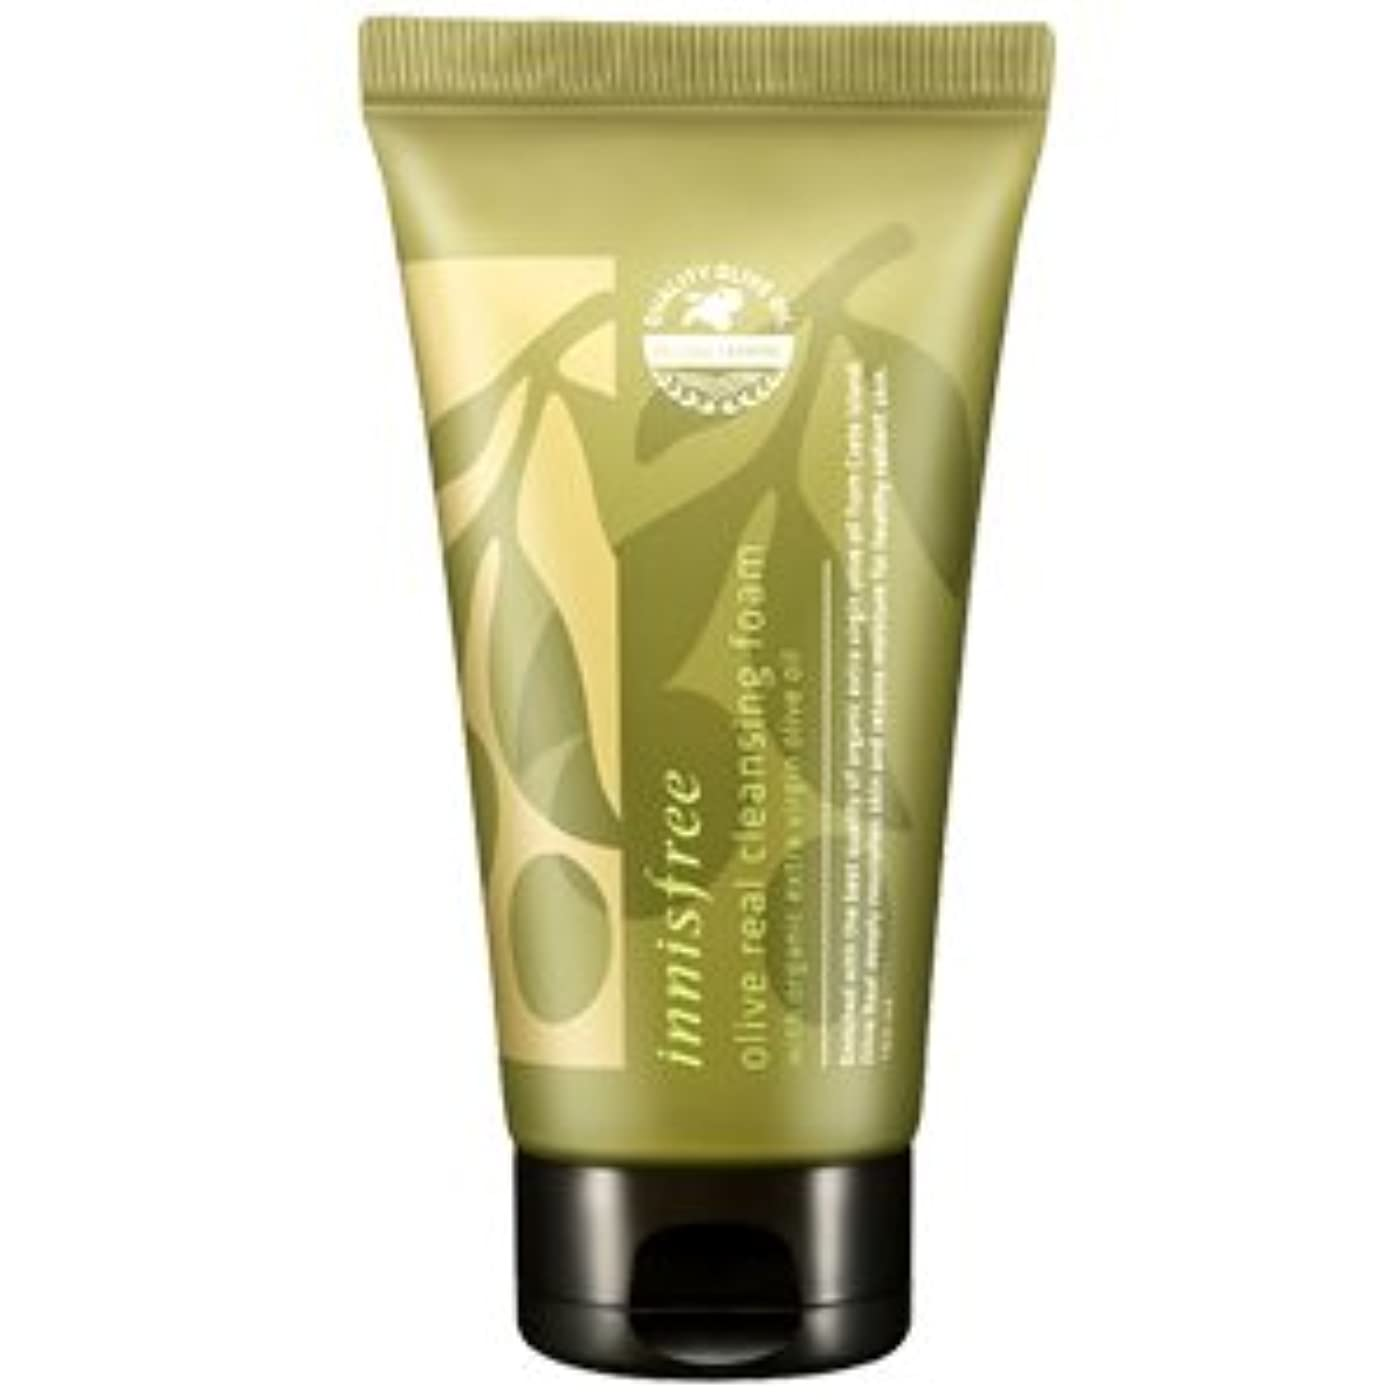 アーカイブ首海上innisfree(イニスフリー) Olive real cleansing foam AD オリーブ リアル クレンジング フォーム 150ml